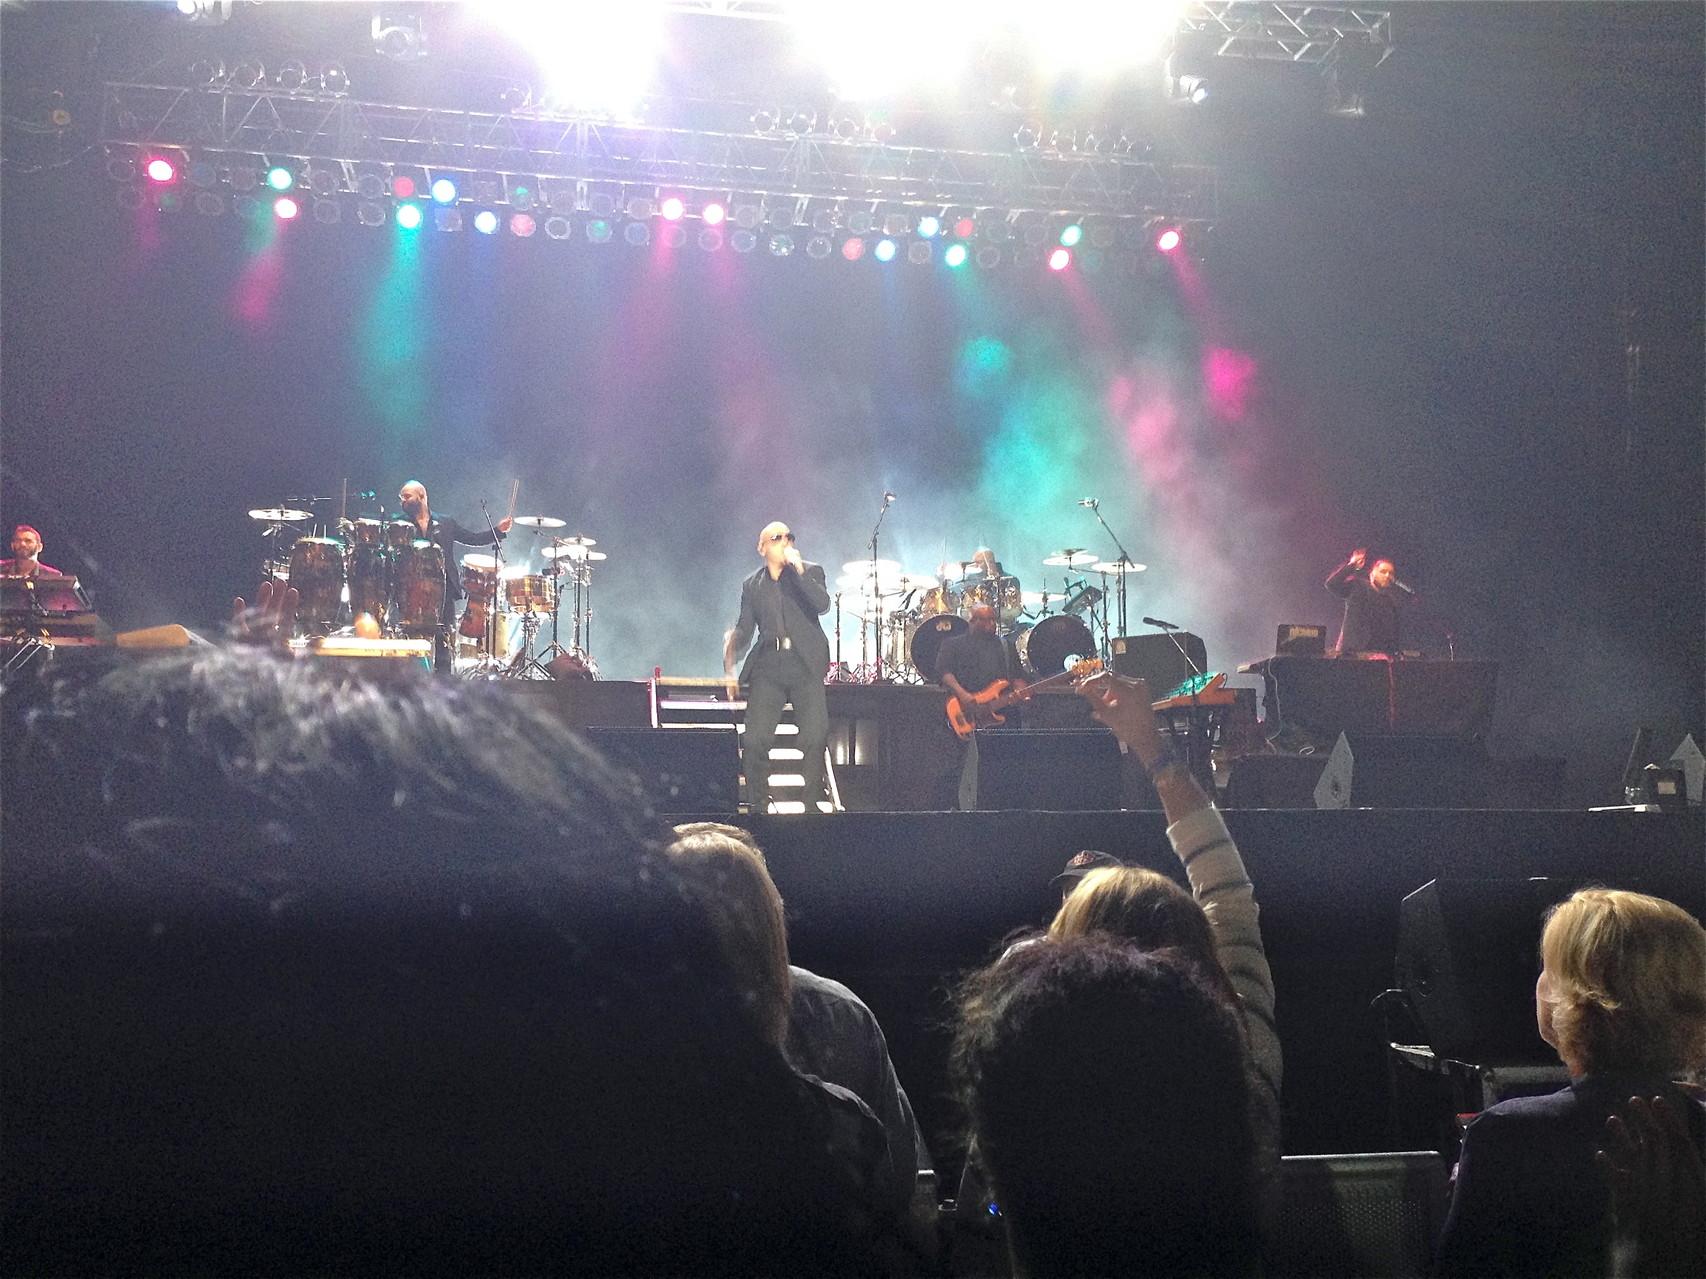 Celeste at Pitbull concert